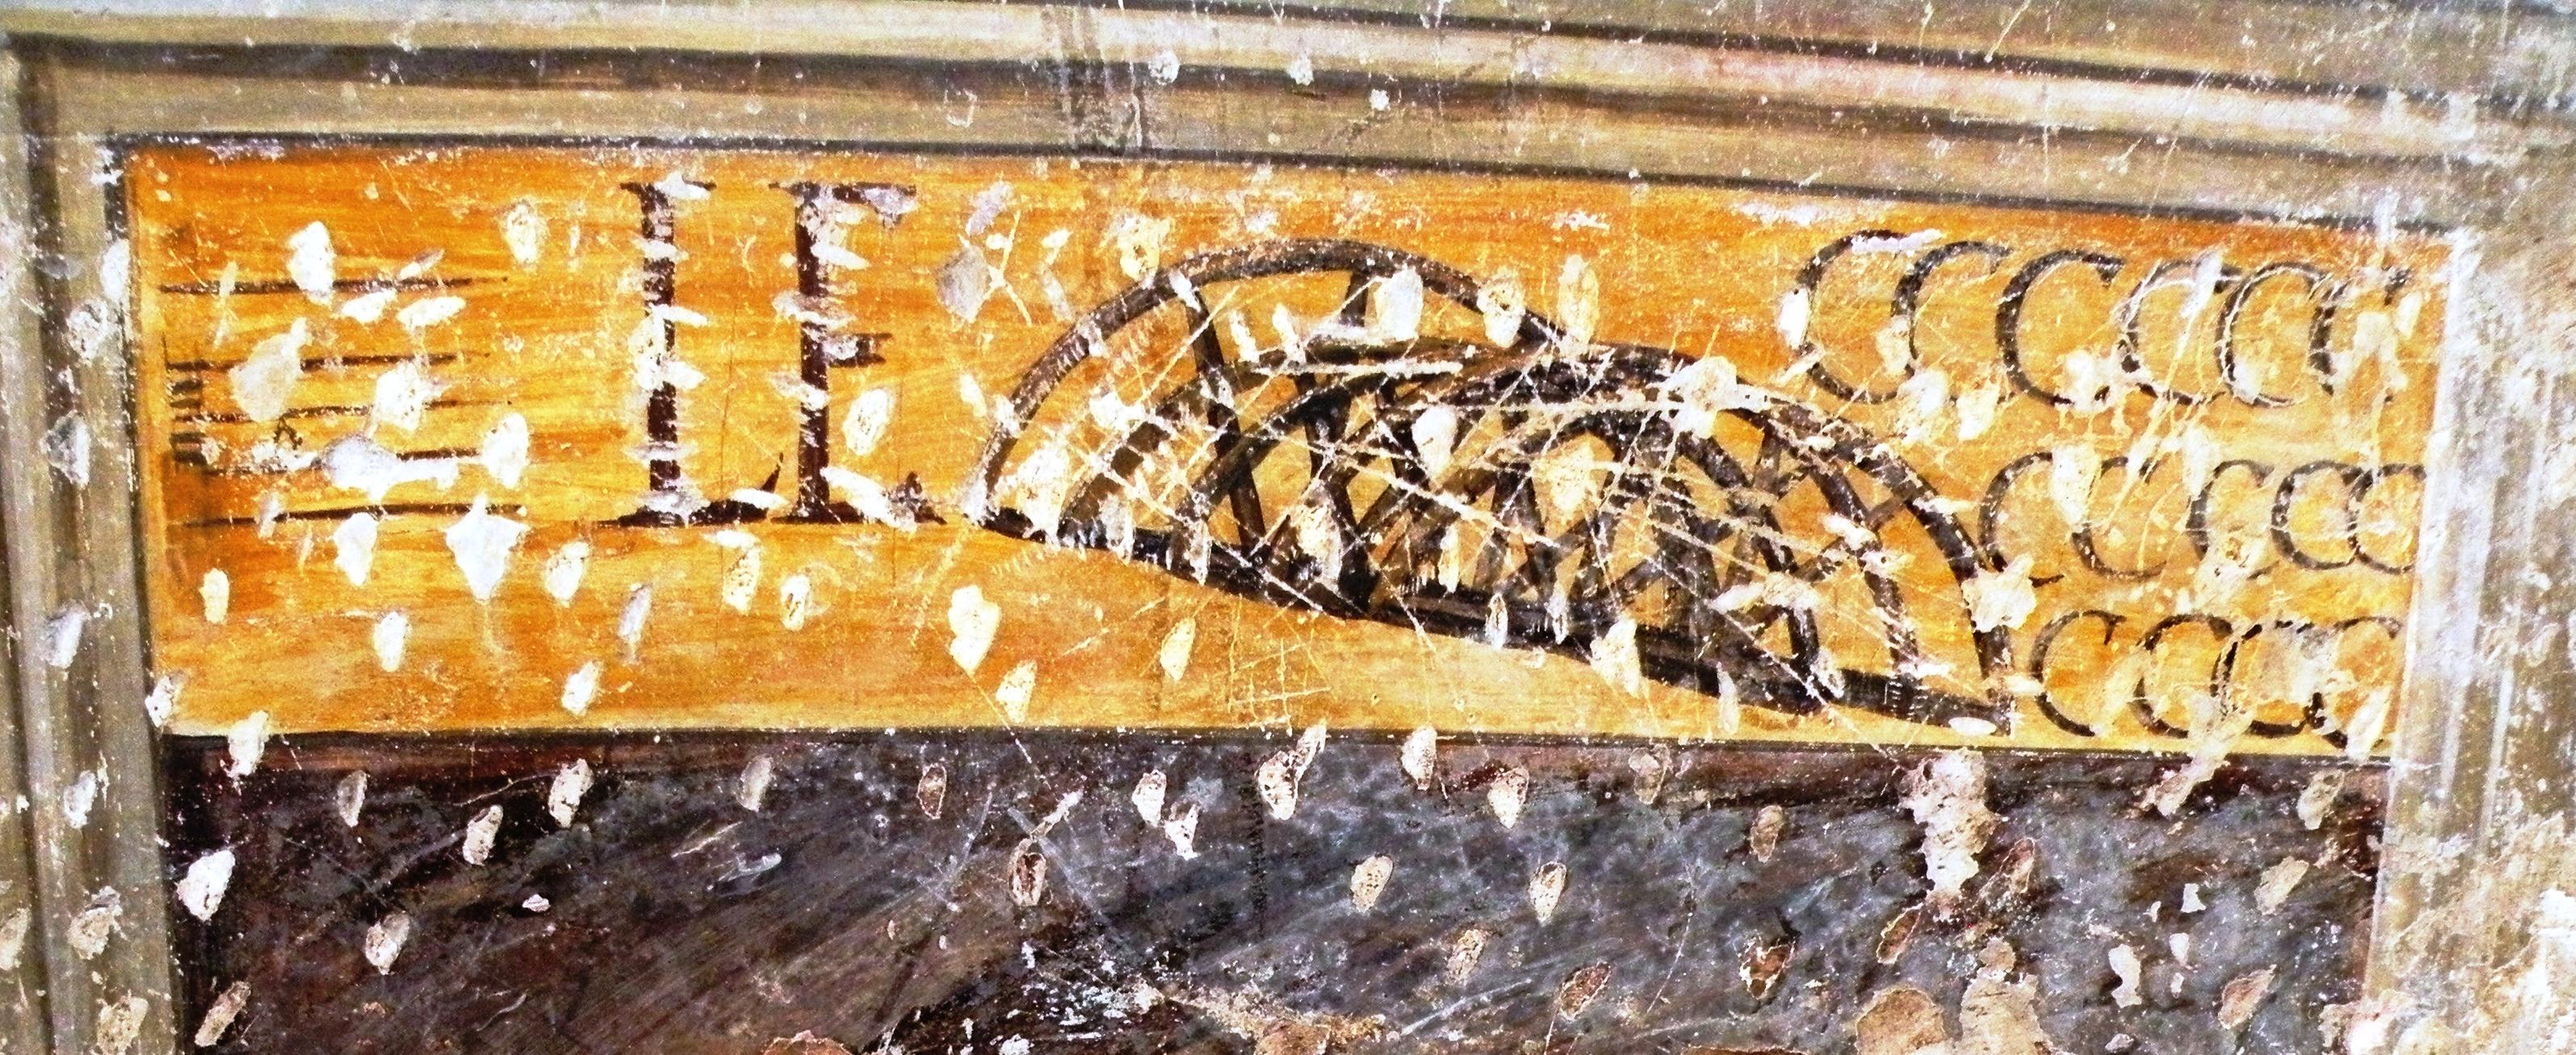 La seconda specchiatura alla nostra destra. Vi appare la scritte Le, seguita da alcune inferriate metalliche. Le quindici C romane indicano l'anno di realizzazione dell'opera